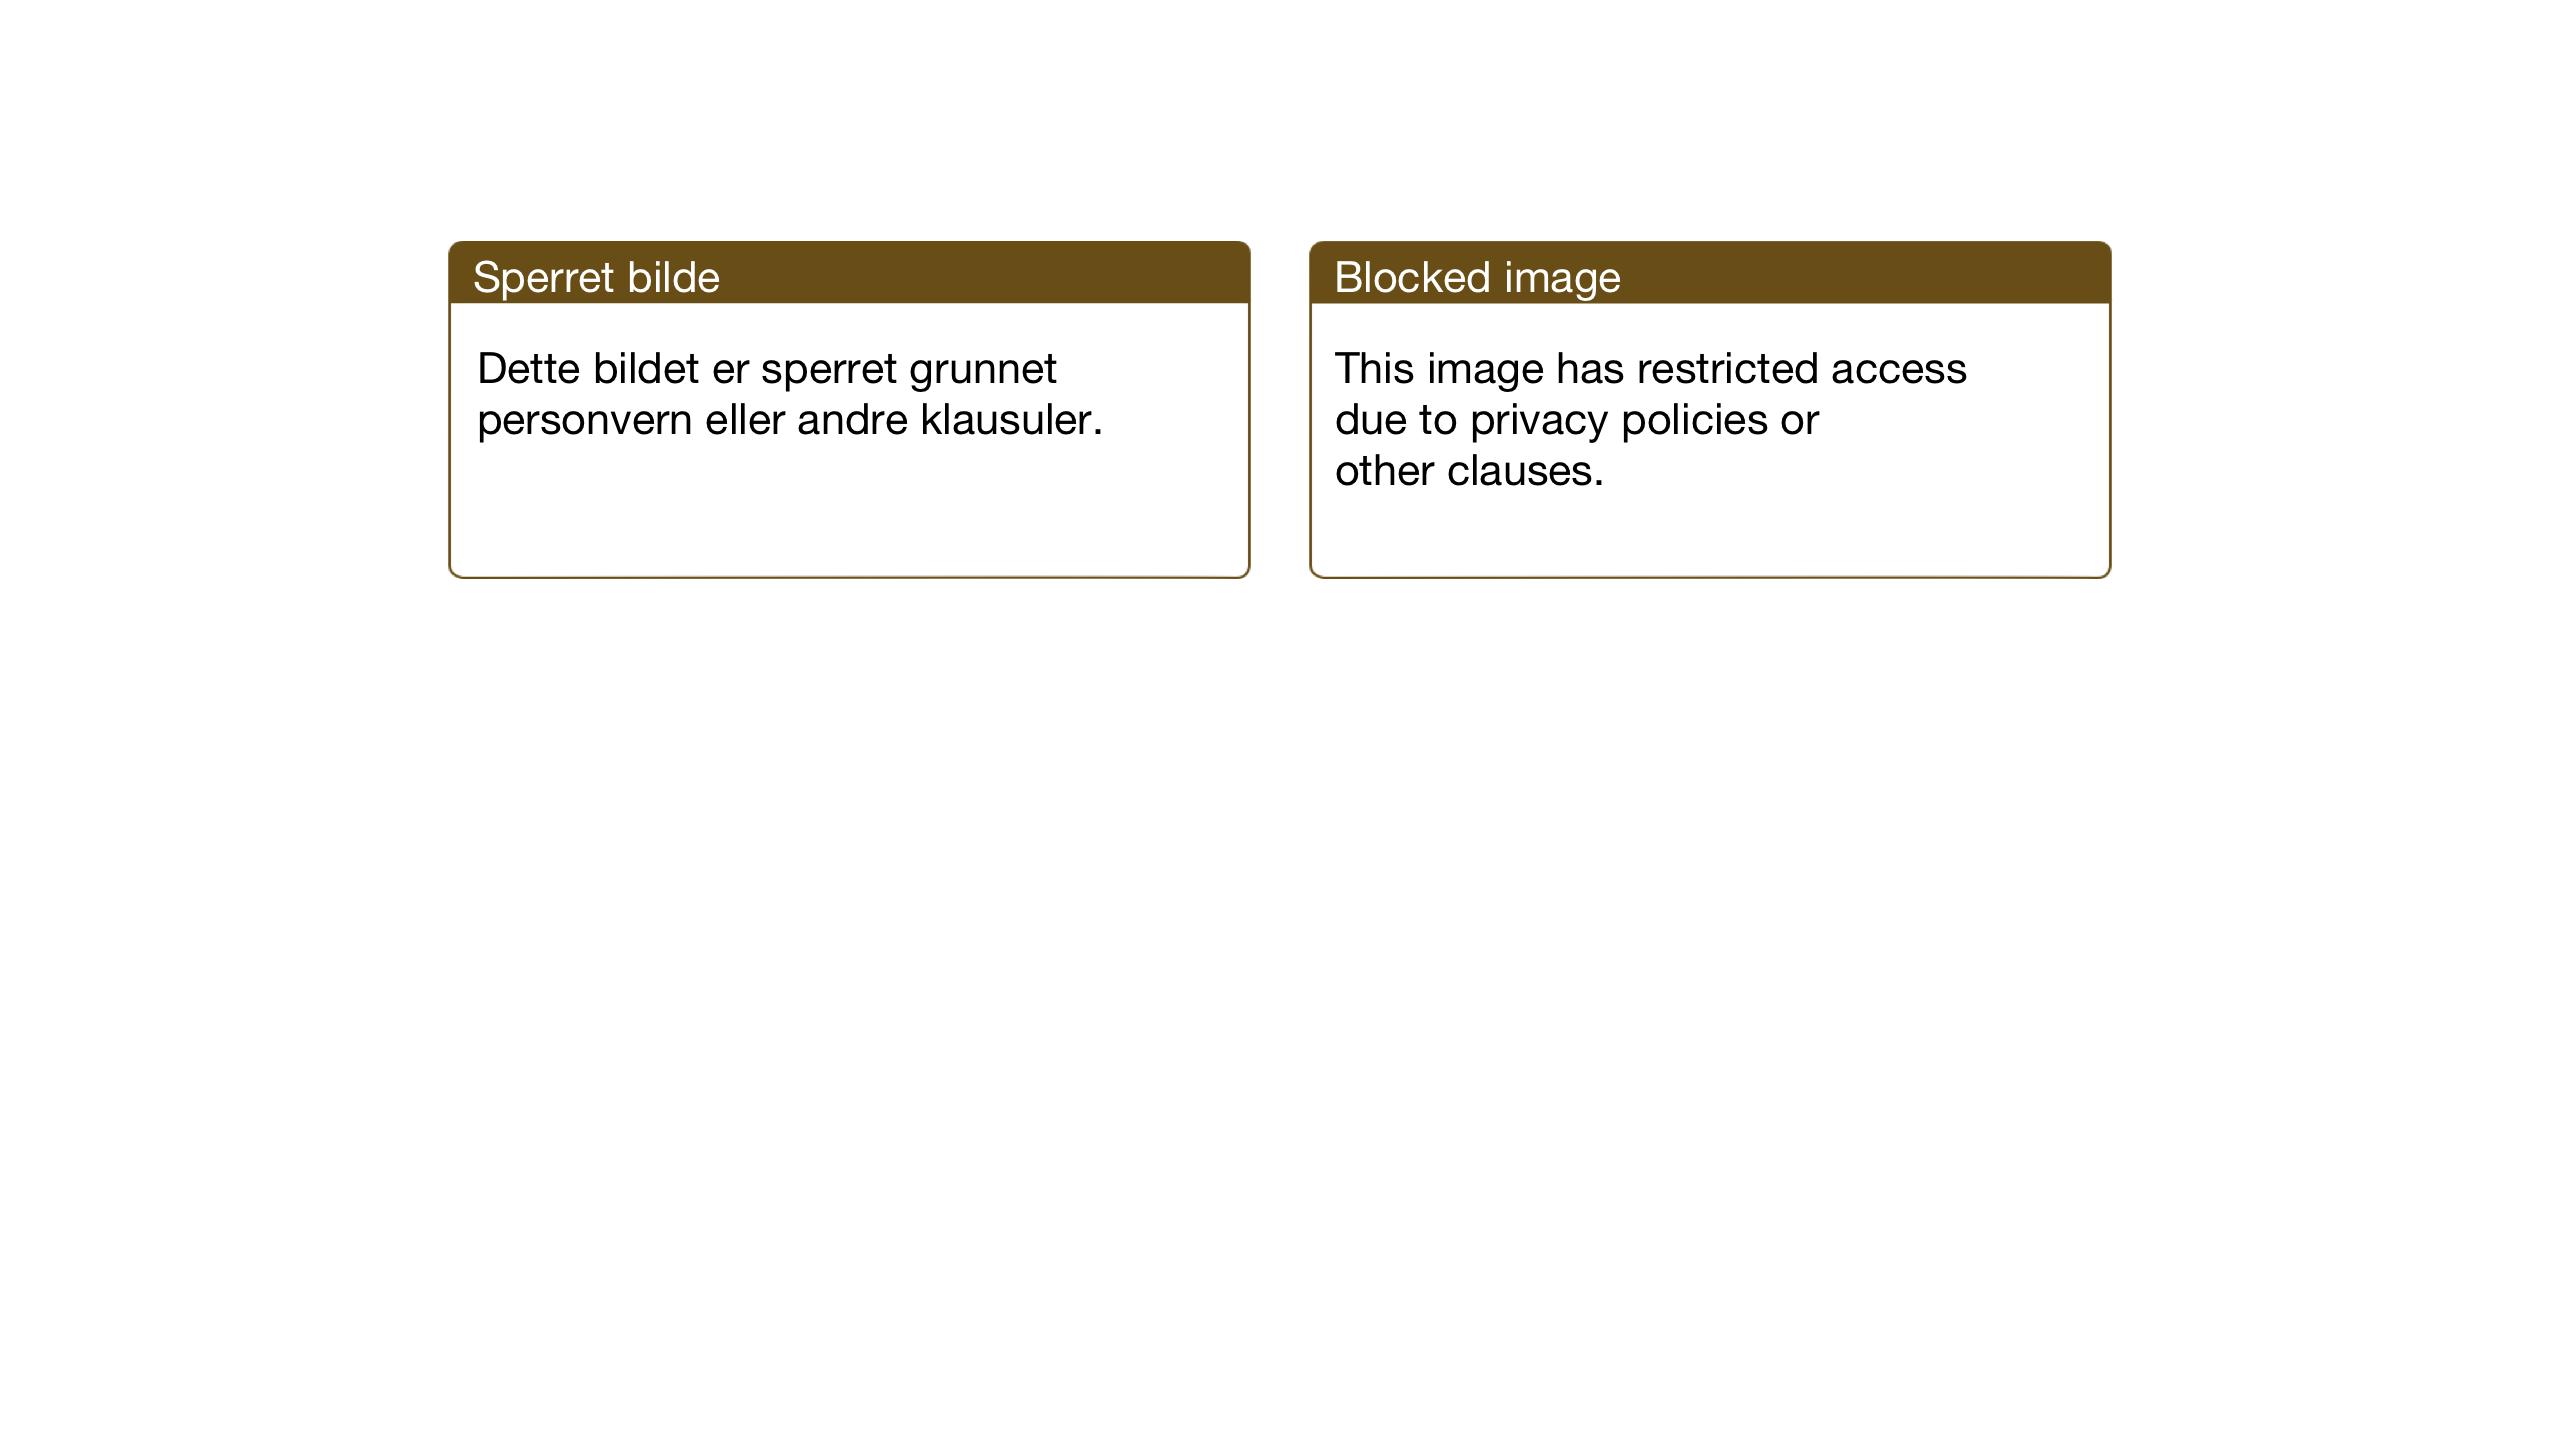 SAT, Ministerialprotokoller, klokkerbøker og fødselsregistre - Sør-Trøndelag, 665/L0778: Klokkerbok nr. 665C03, 1916-1938, s. 32